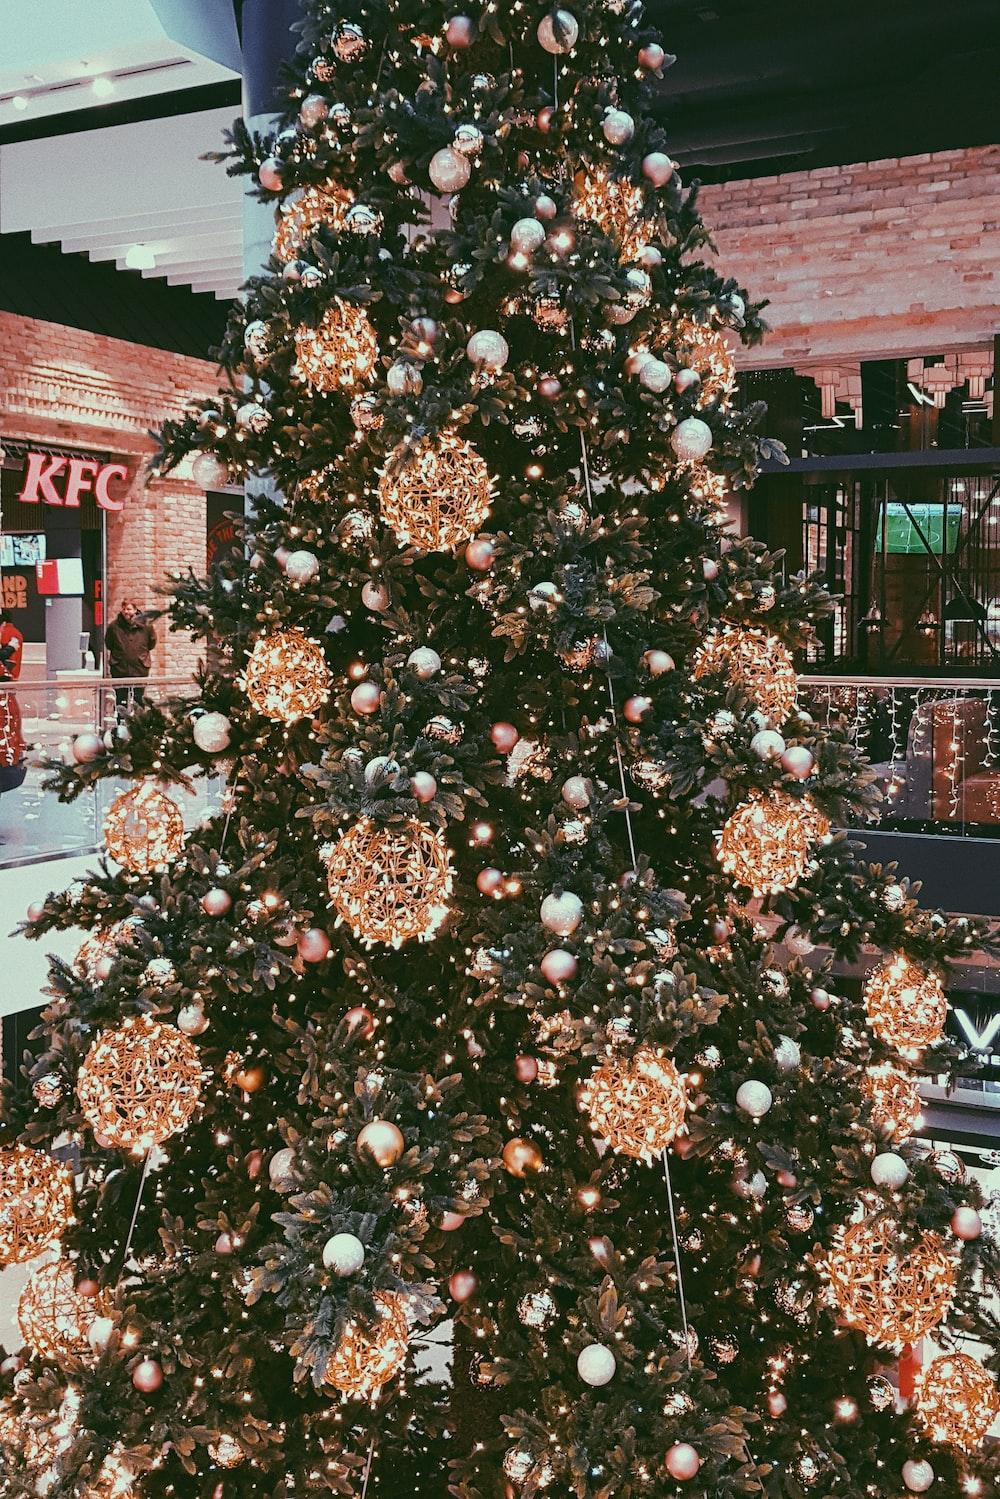 green and brown Christmas tree